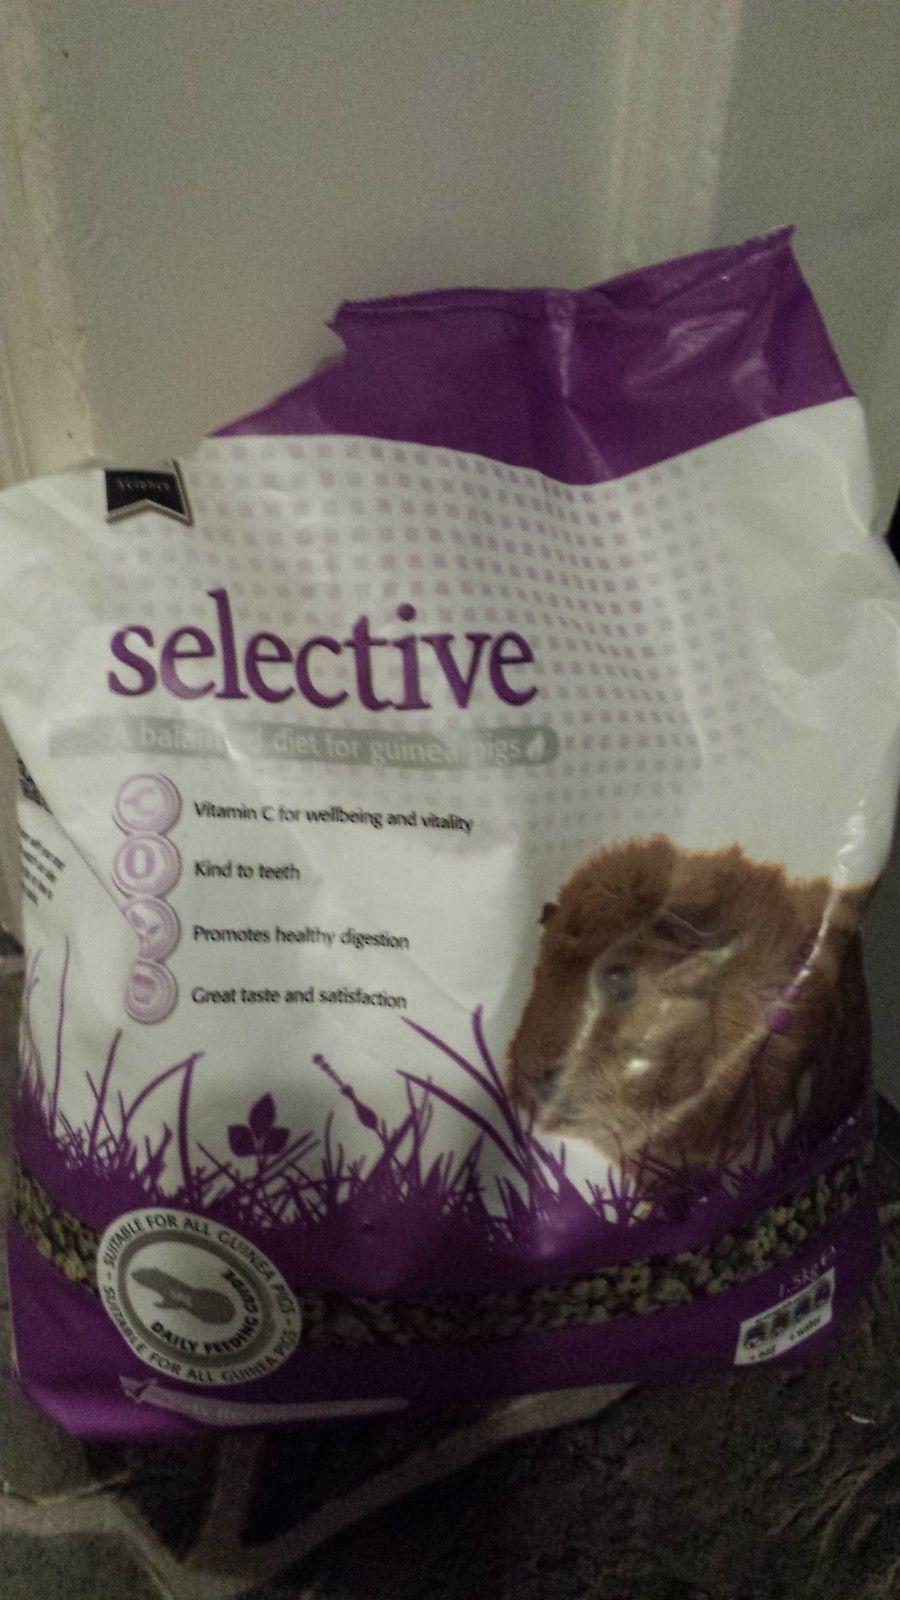 Selective - marsvins pellets - Oslo  - Nesten full pose med marsvins pellets gis bort. Denne sorten falt ikke våre marsvin i smak da de er vant til en annen sort. - Oslo